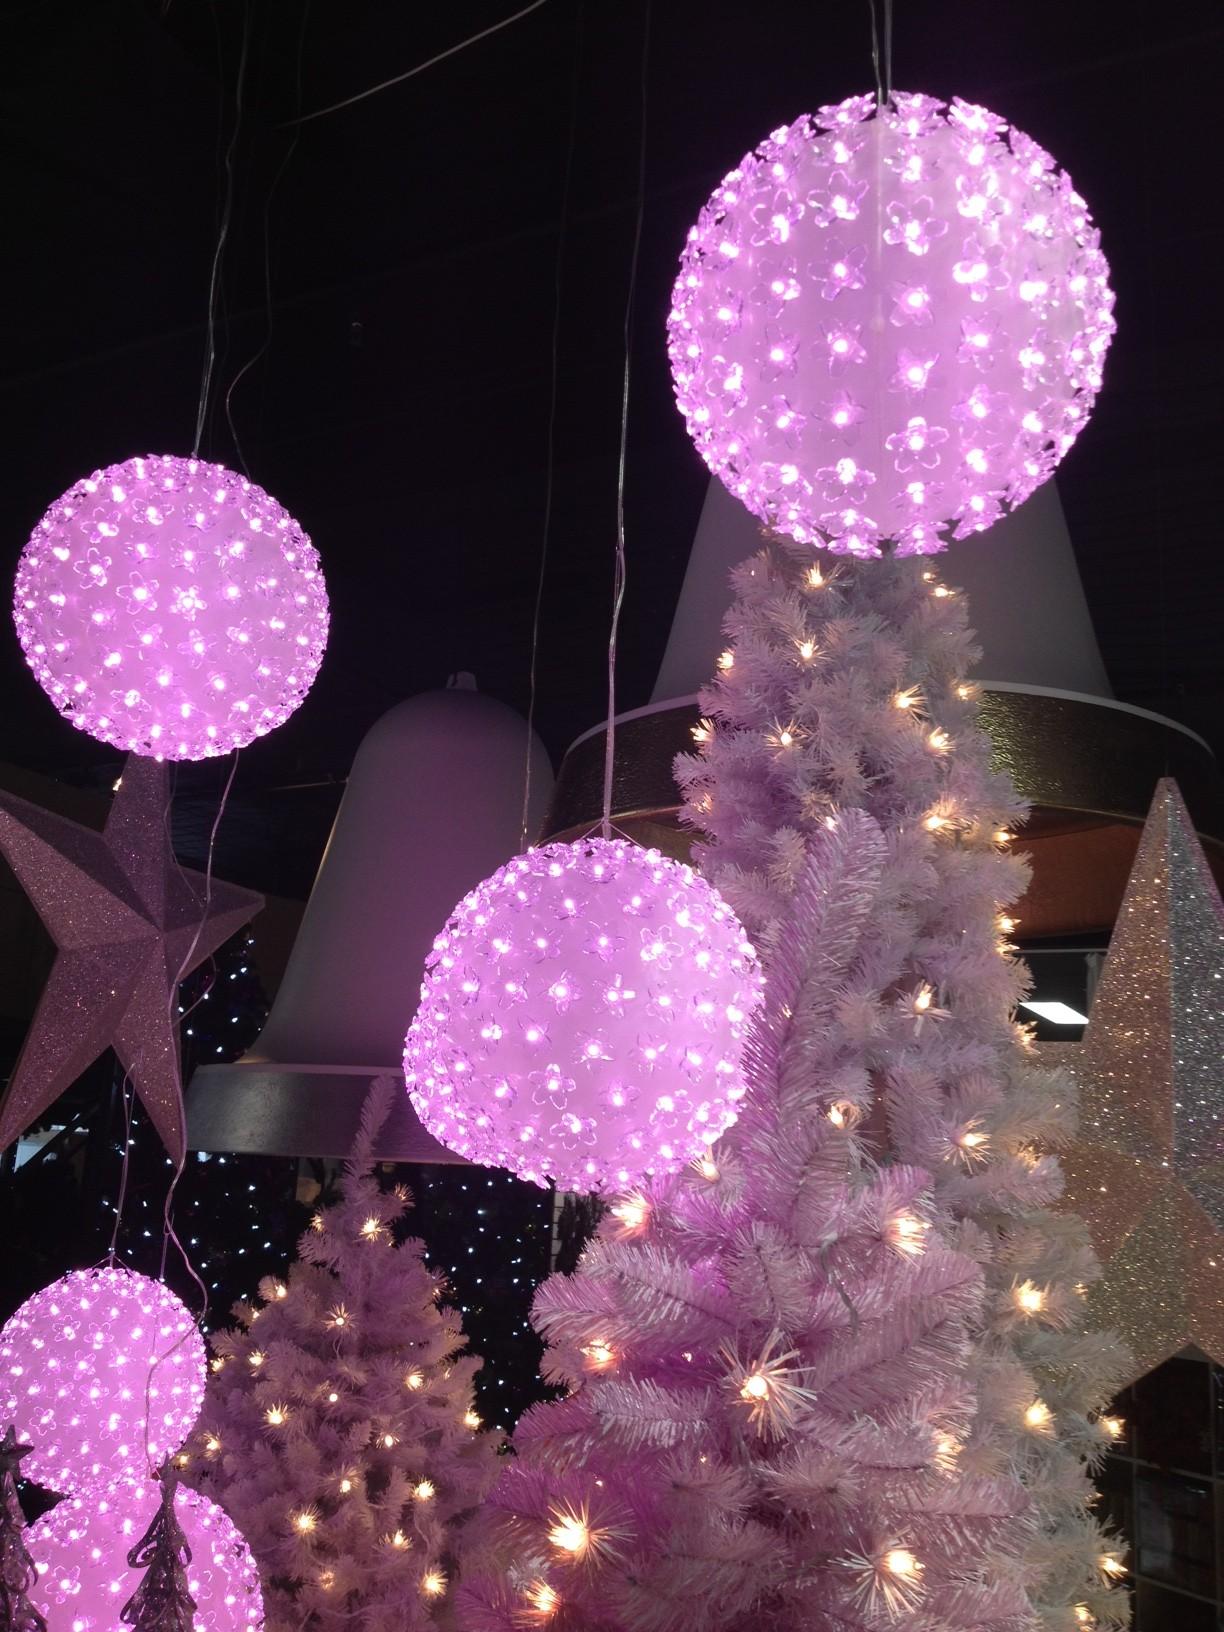 Pastel Pink lit Chrismas Tree, Pink illuminated hanging balls, large hanging stars